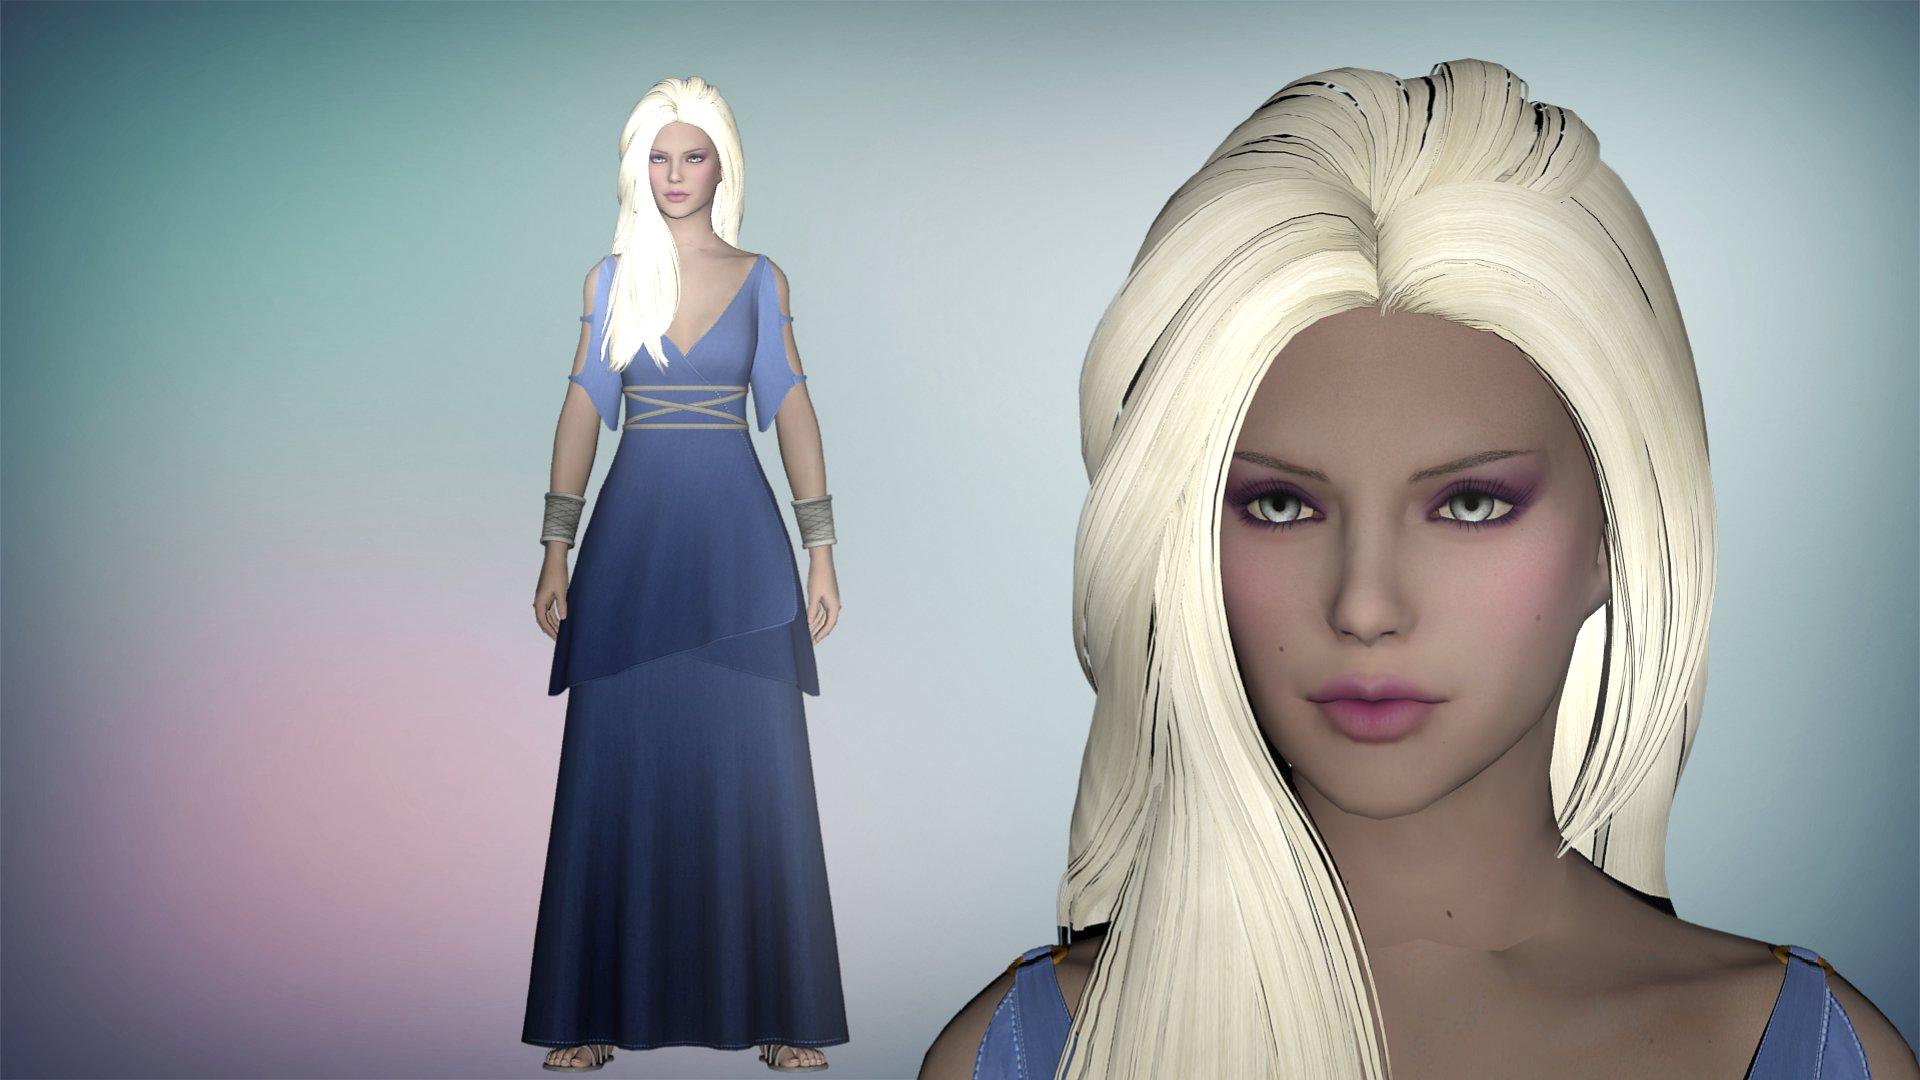 Skyrim Melaine The Frost Queen by diegoforfun